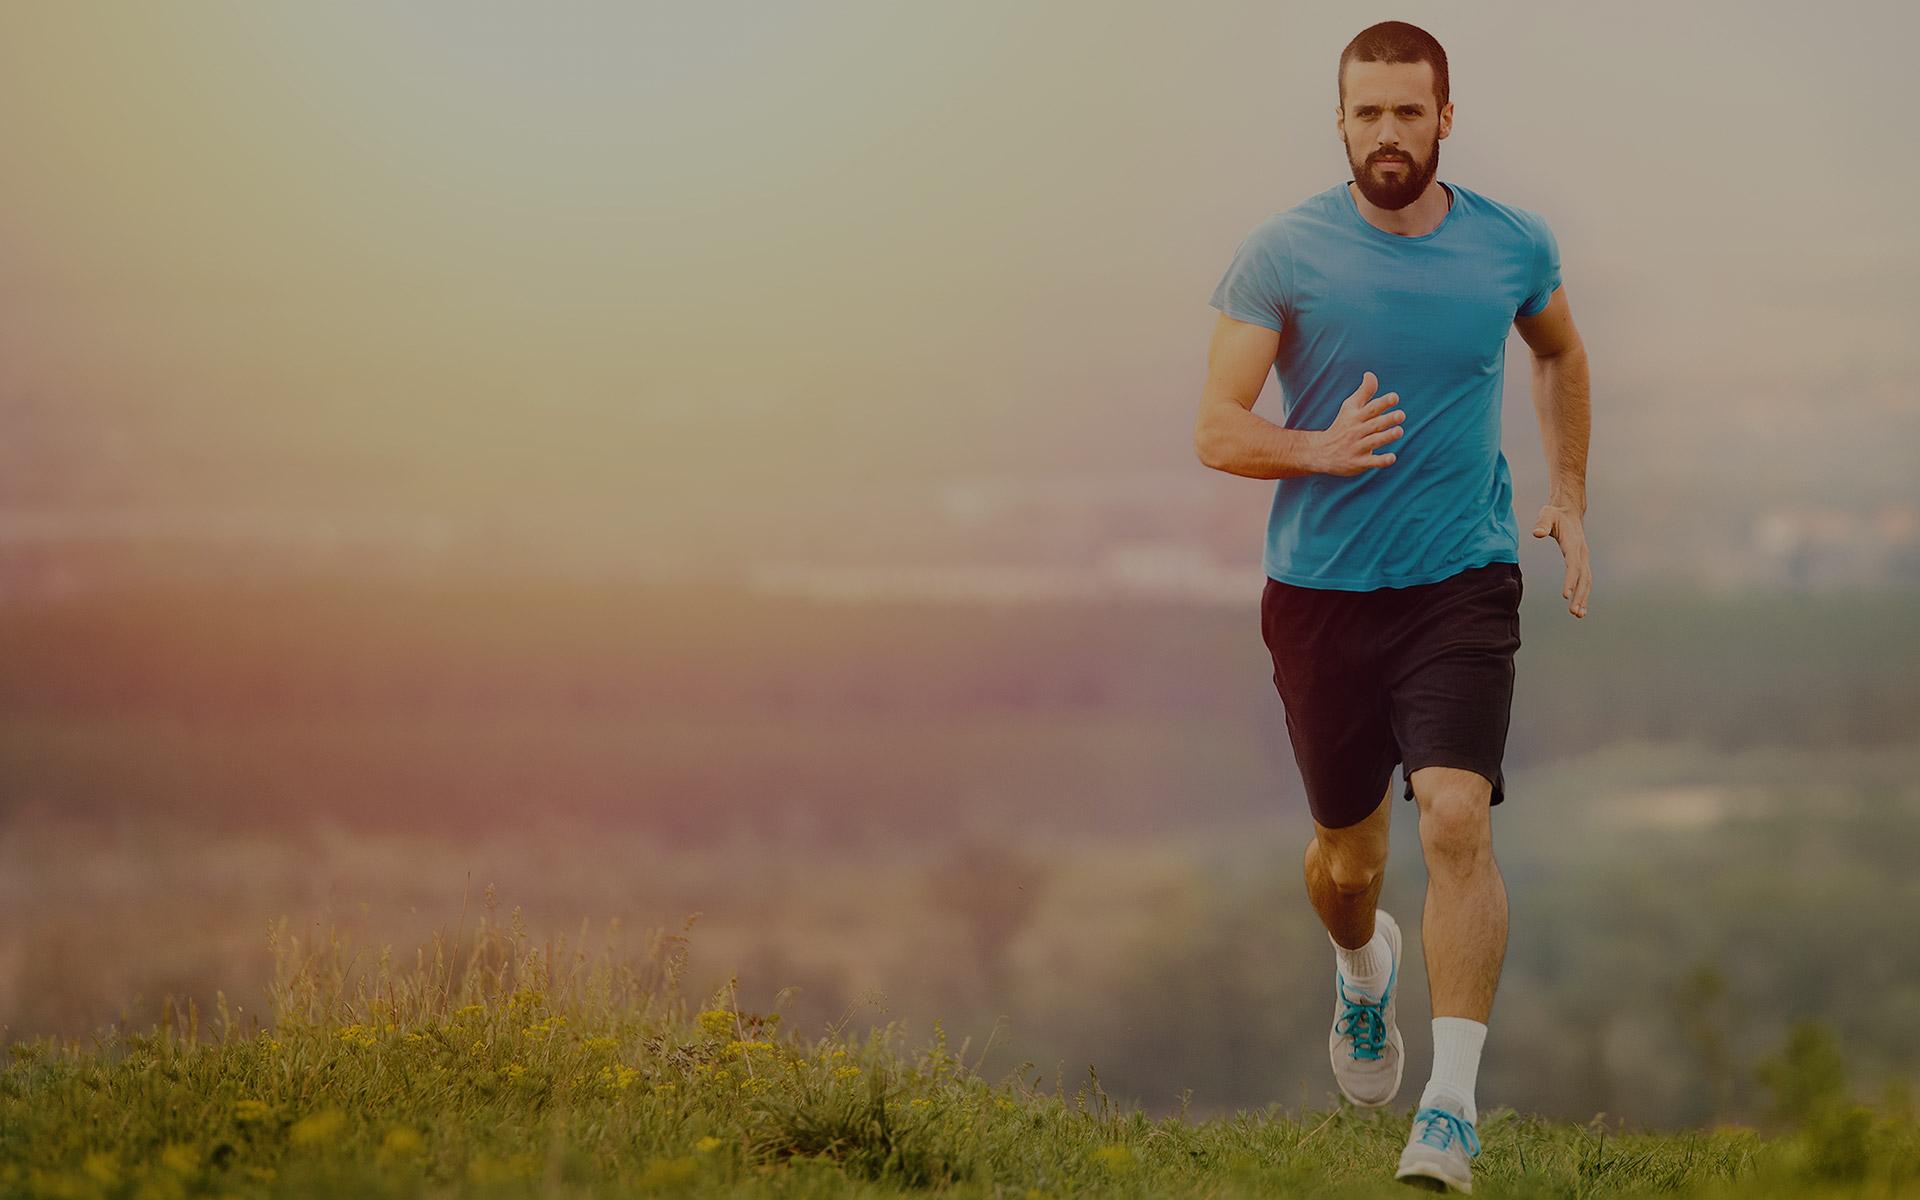 ۸ ورزشی که بیحوصلگی و افسردگی را از شما دور میکند